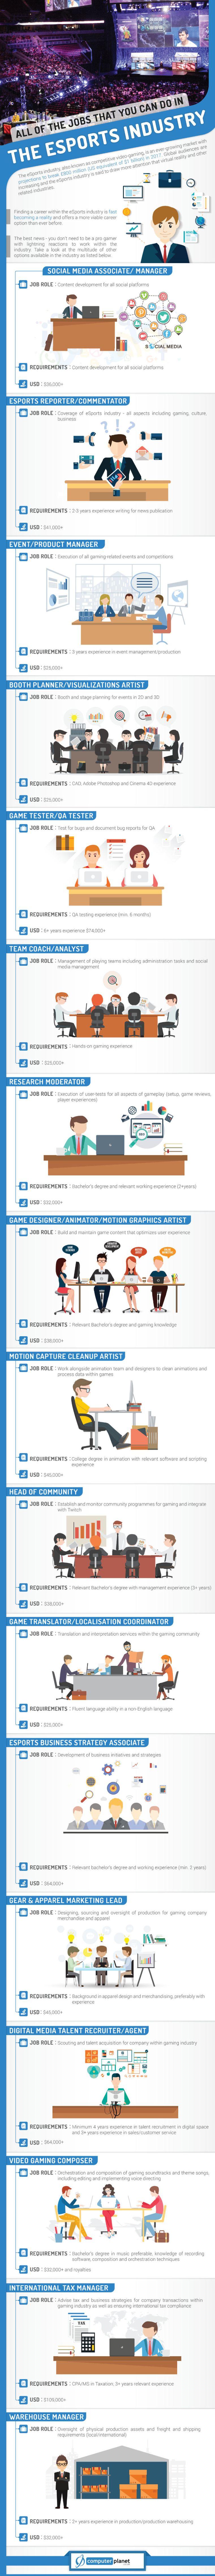 Esports careers infographic